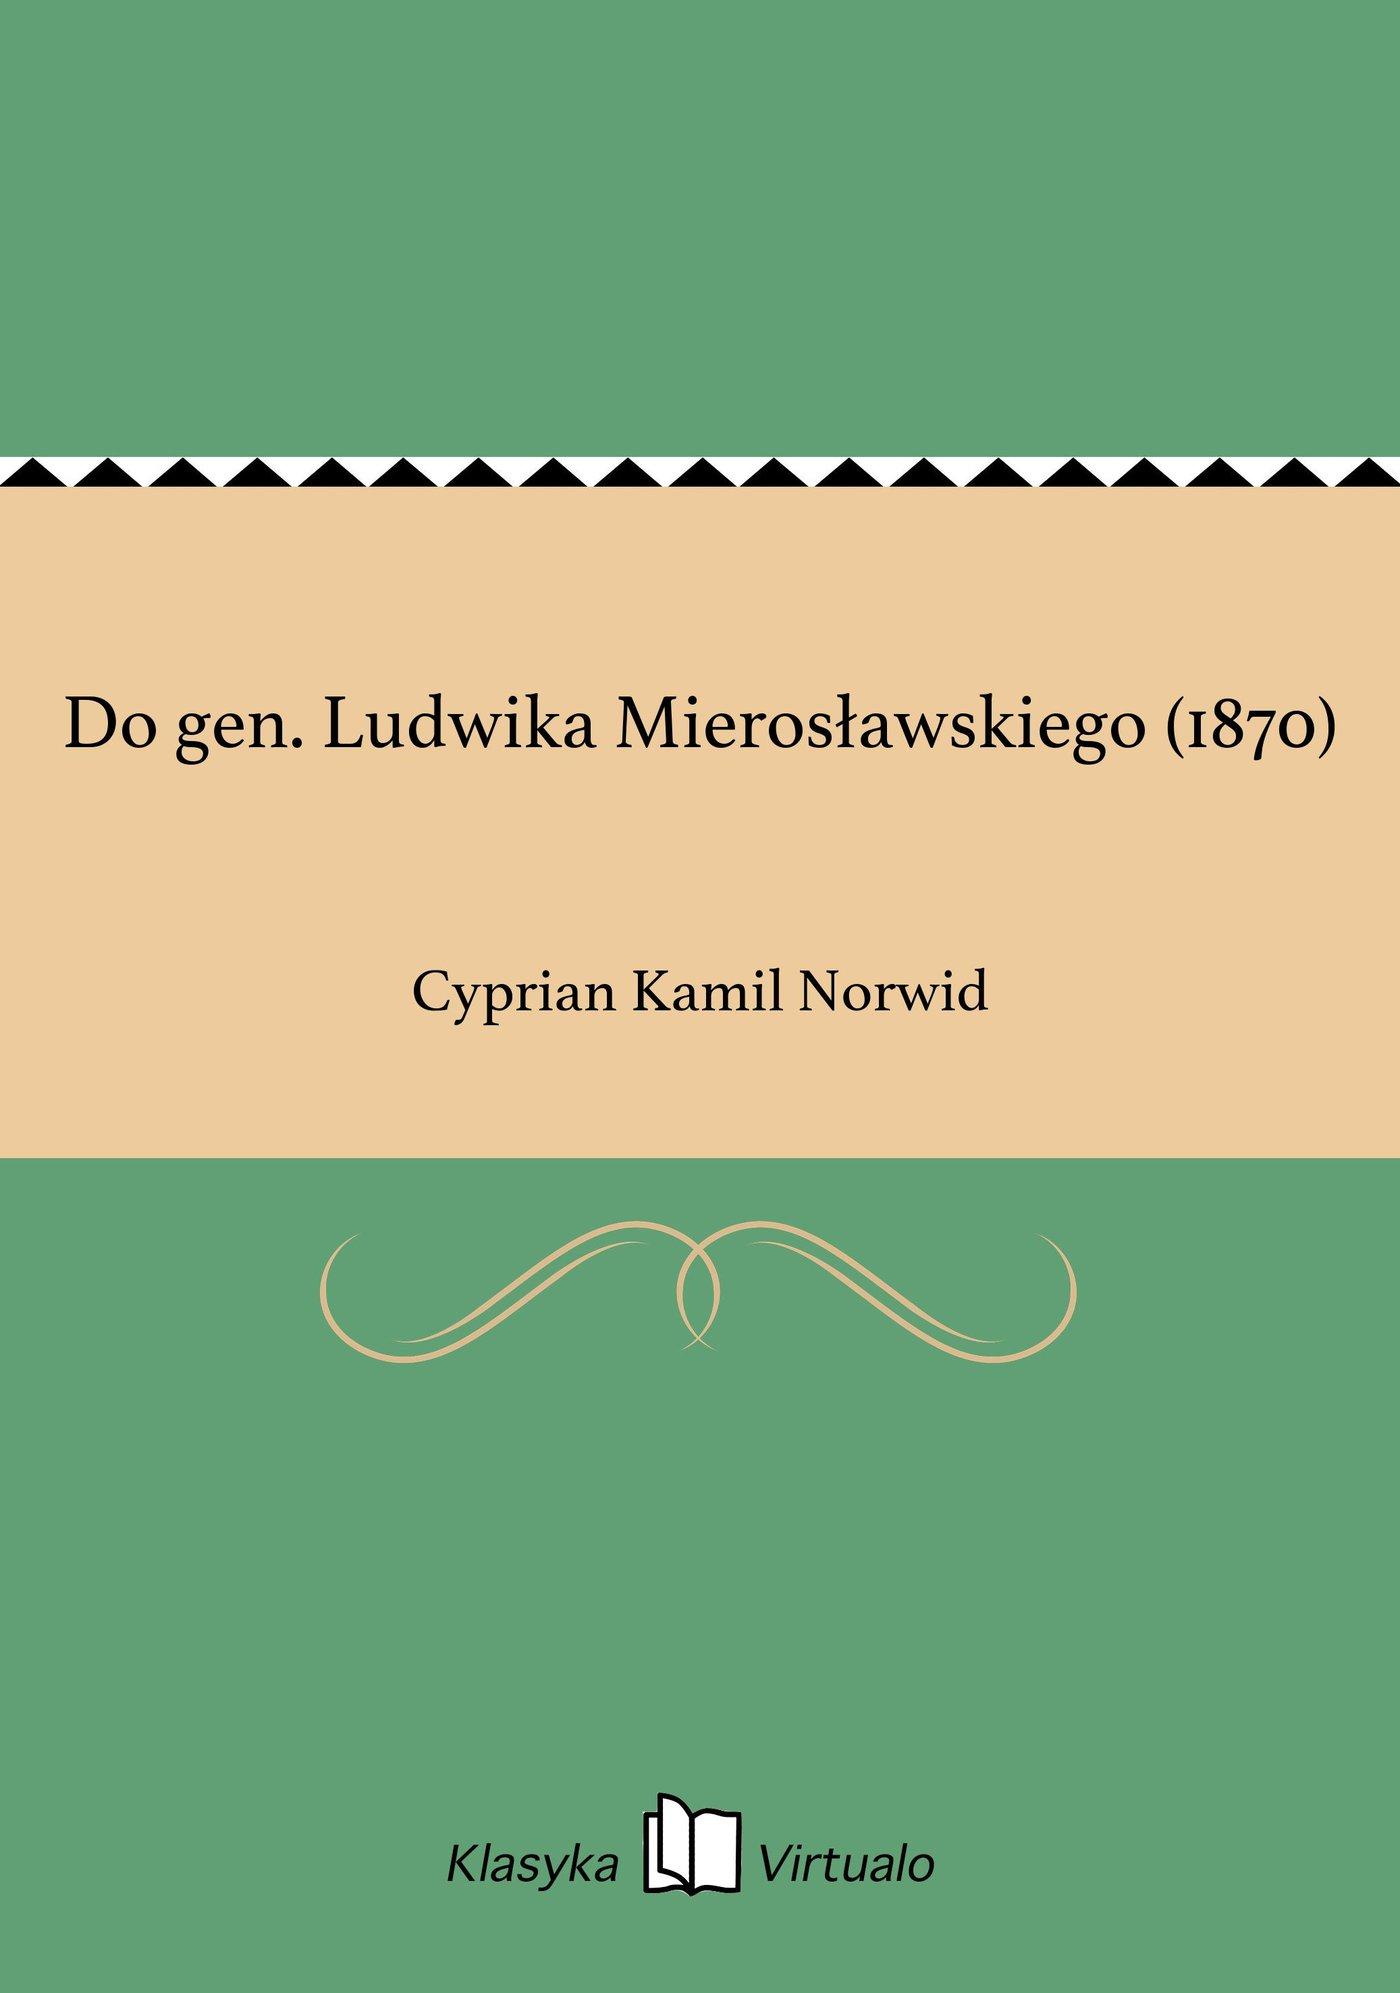 Do gen. Ludwika Mierosławskiego (1870) - Ebook (Książka EPUB) do pobrania w formacie EPUB